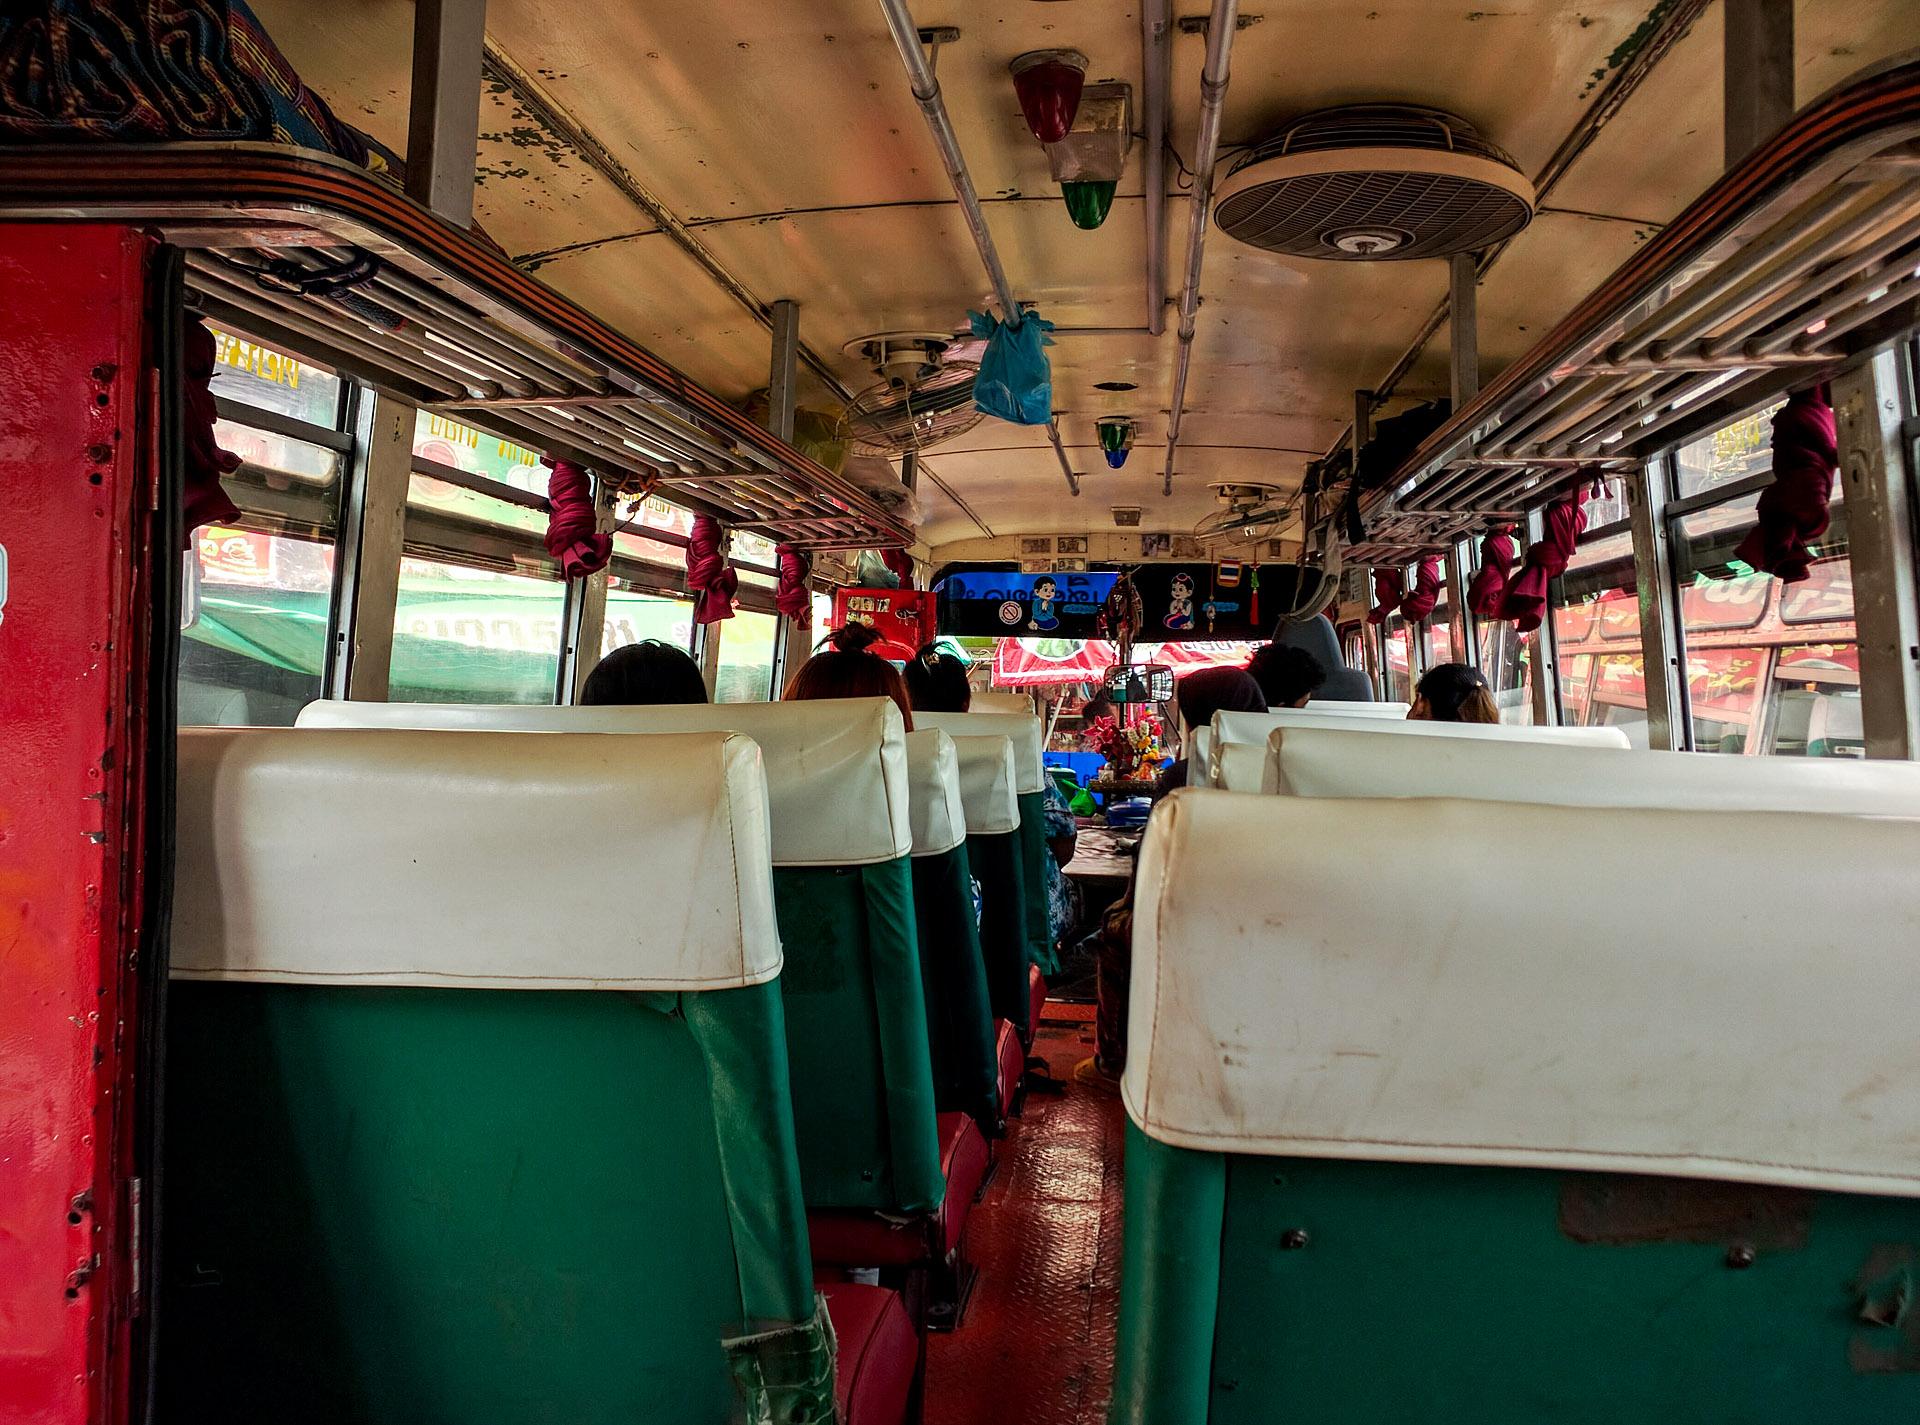 Public bus (Thailand)